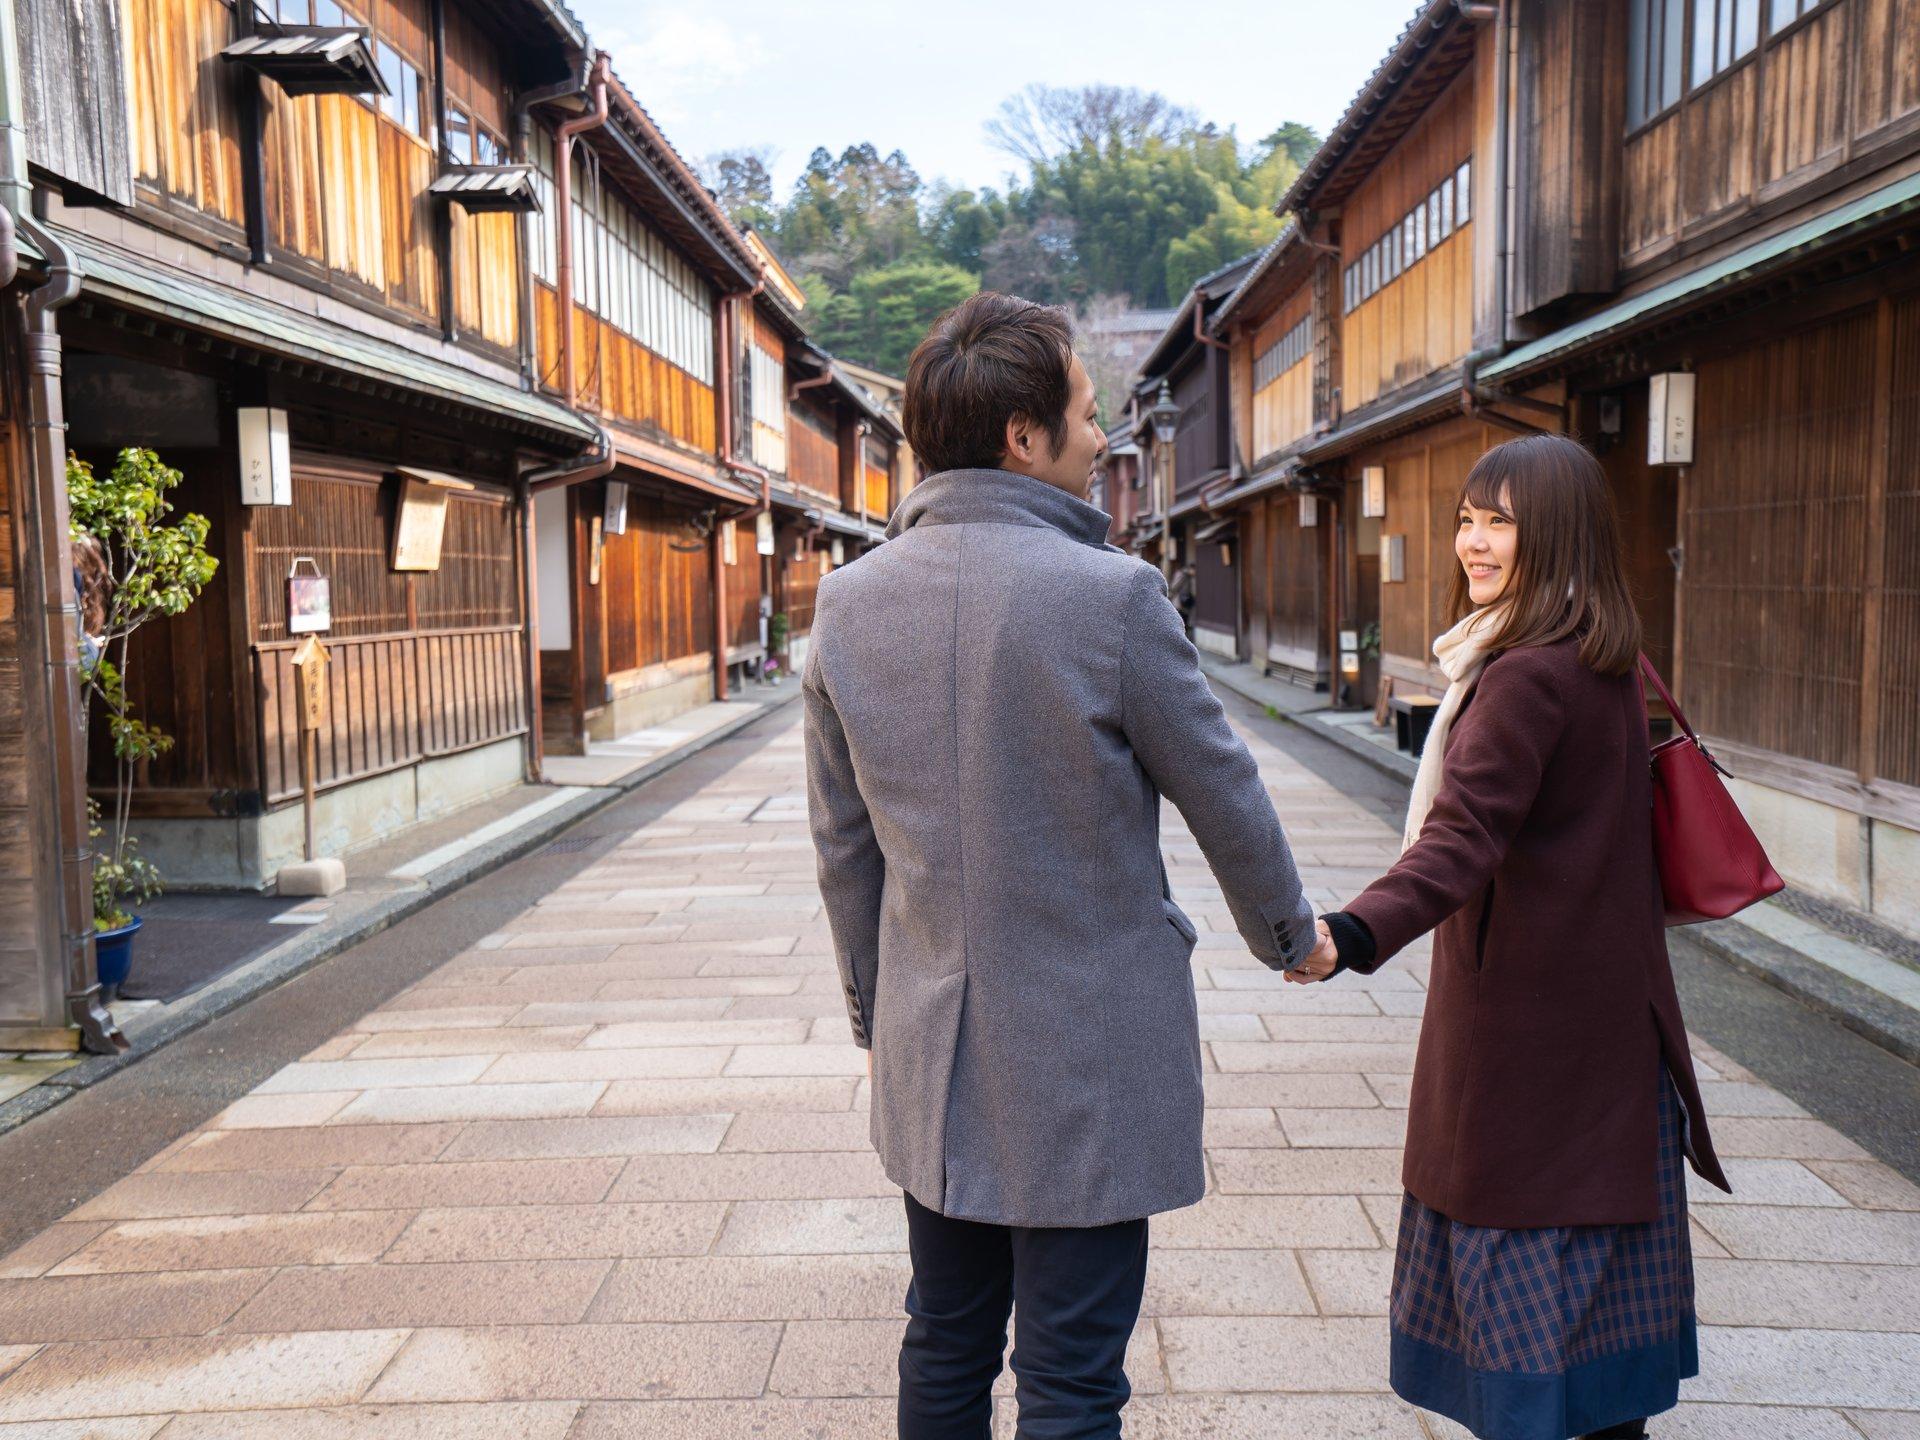 大人カップルに人気の金沢観光&デート!おすすめホテルやスポット15選